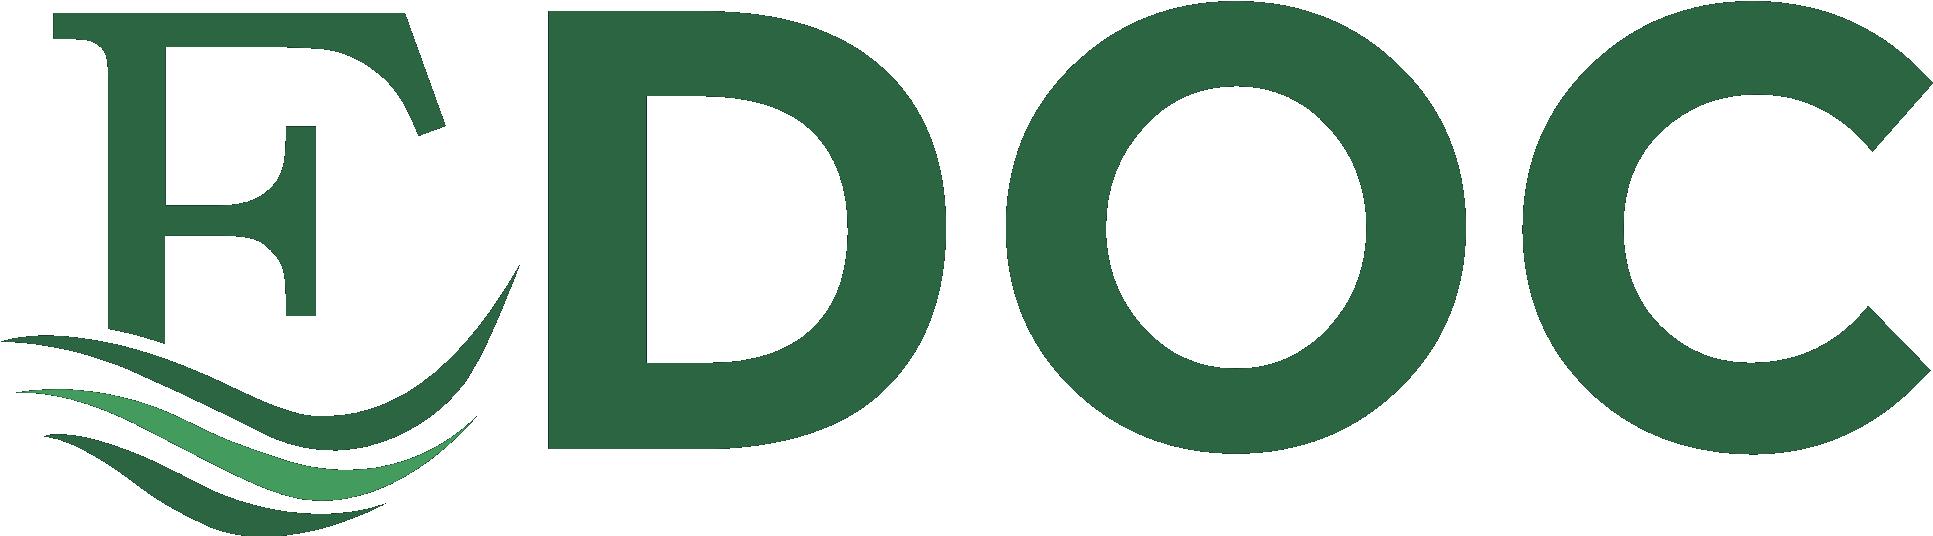 Házi módok a látás javítására - szemészek tanácsai - Gyulladás August